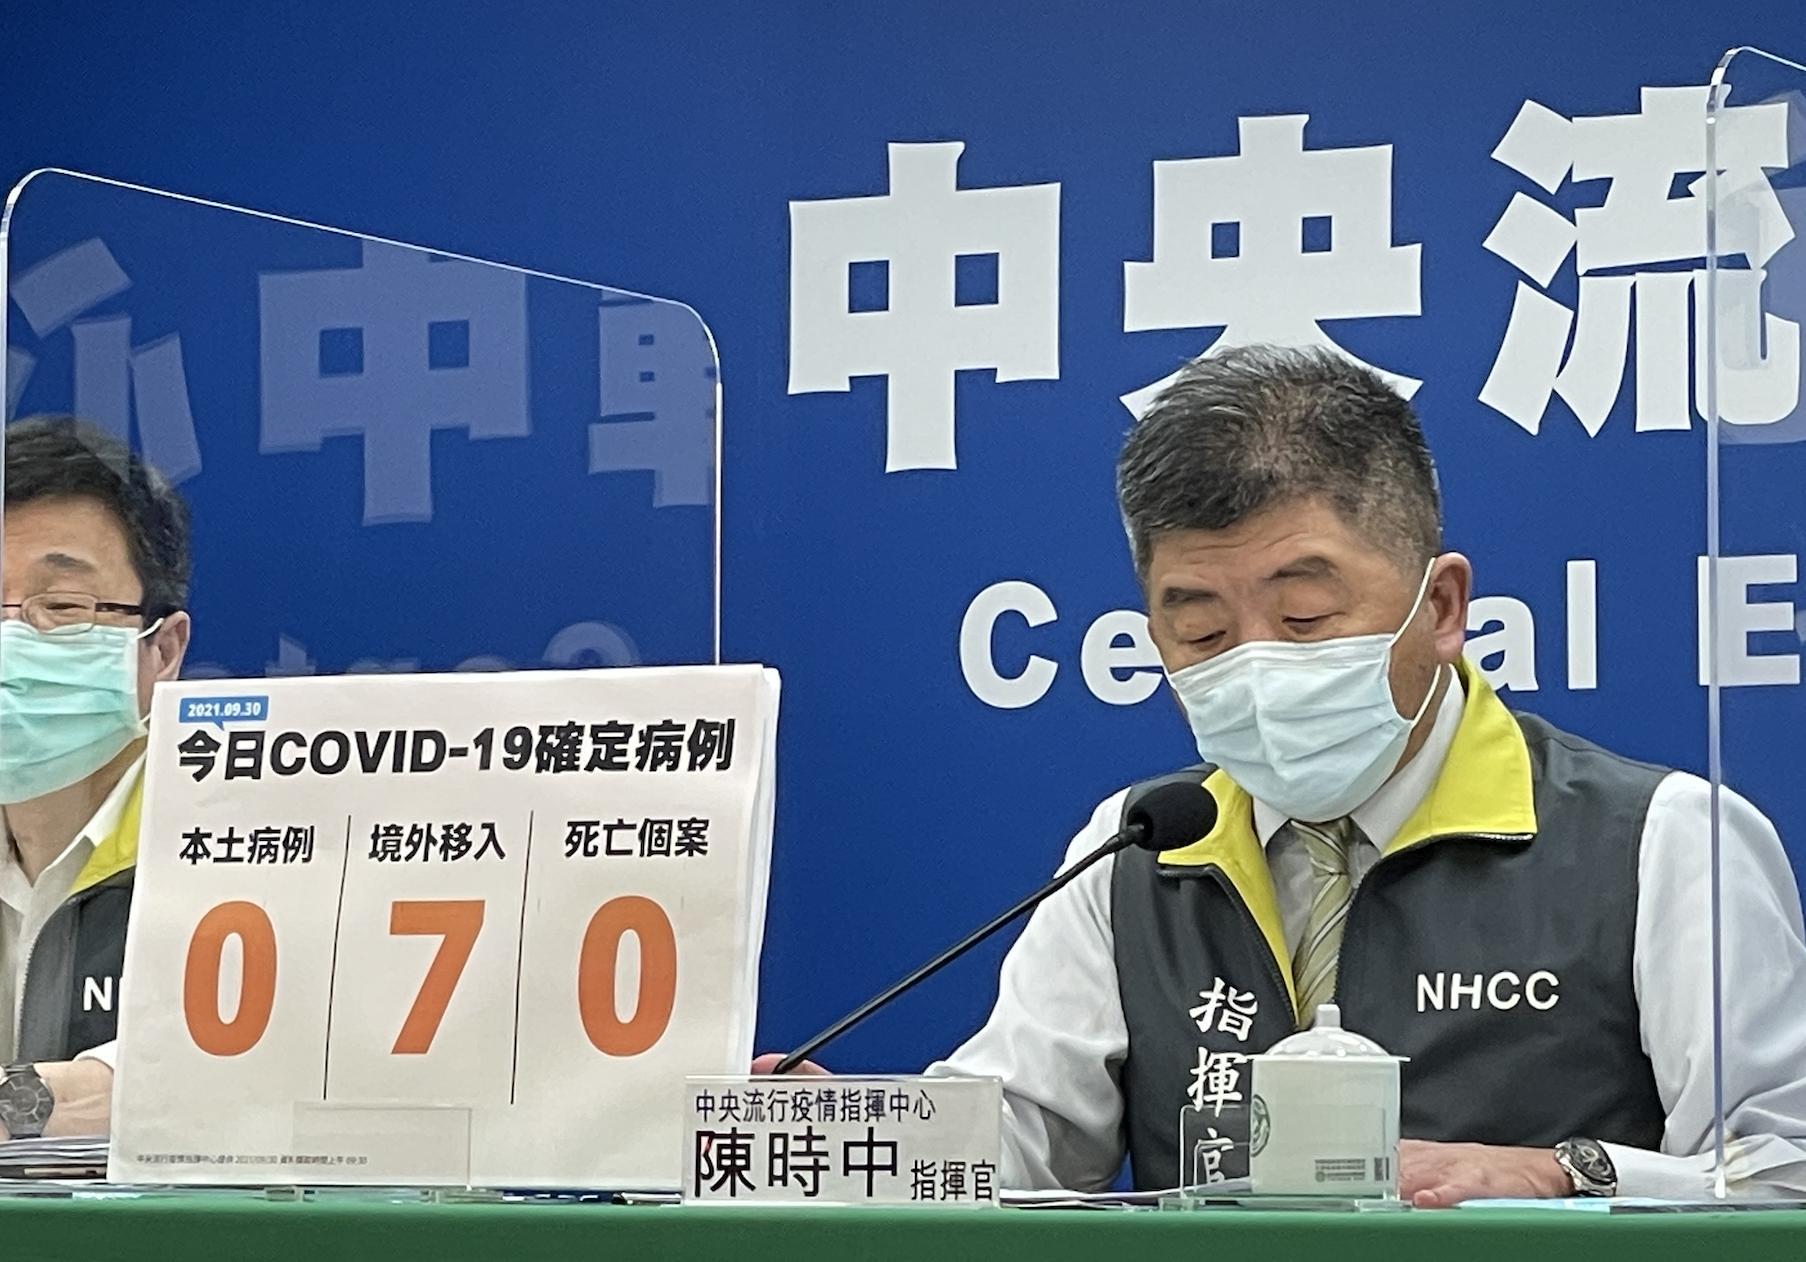 本土、死亡又見「雙嘉玲」!  境外多7例分別從6國帶病毒入境